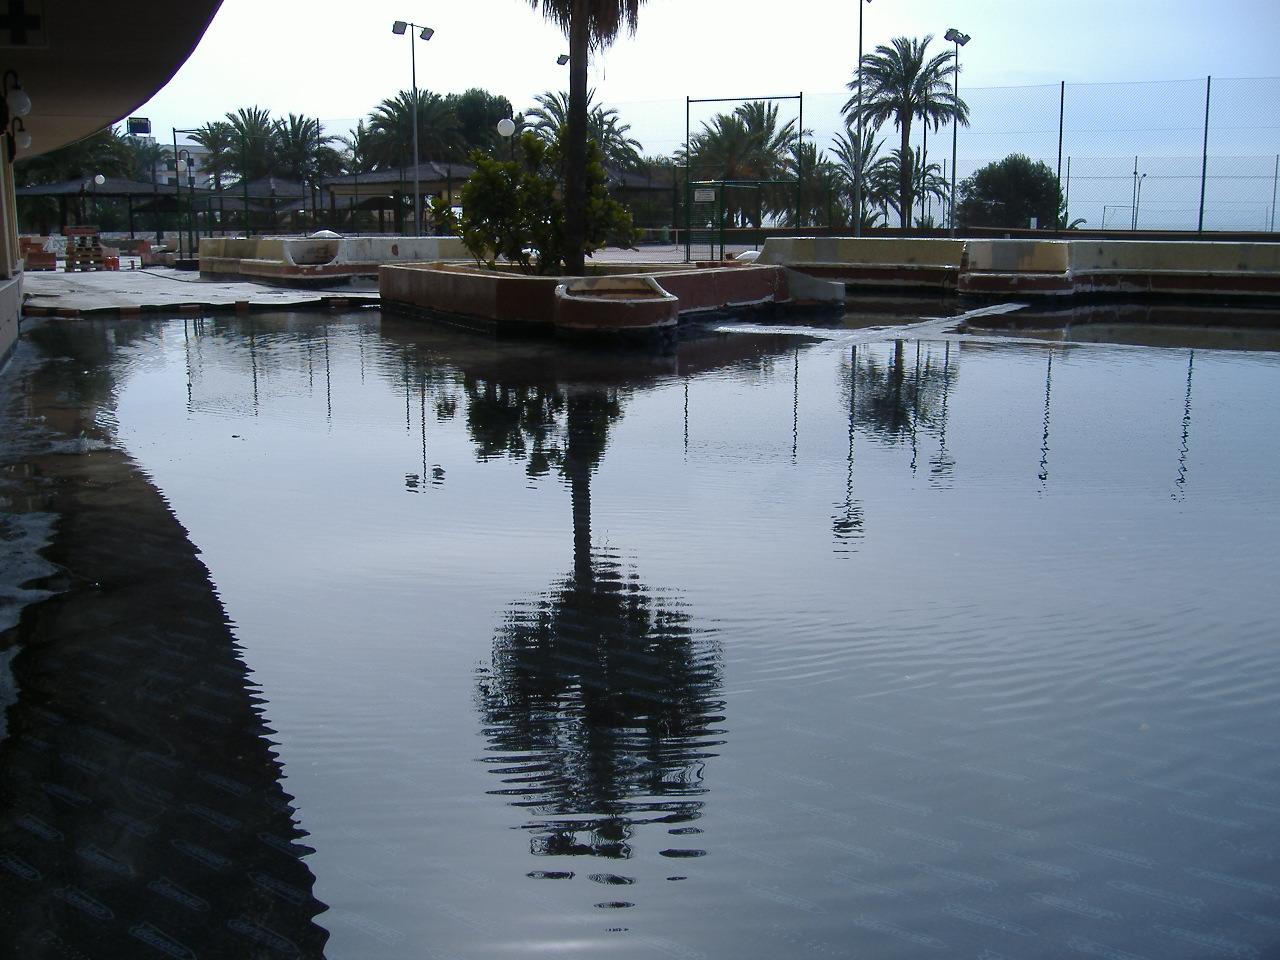 impermeabilizacion de terraza ajardinada,prueba de estanqueidad y pavimentado de loseta de hormigon